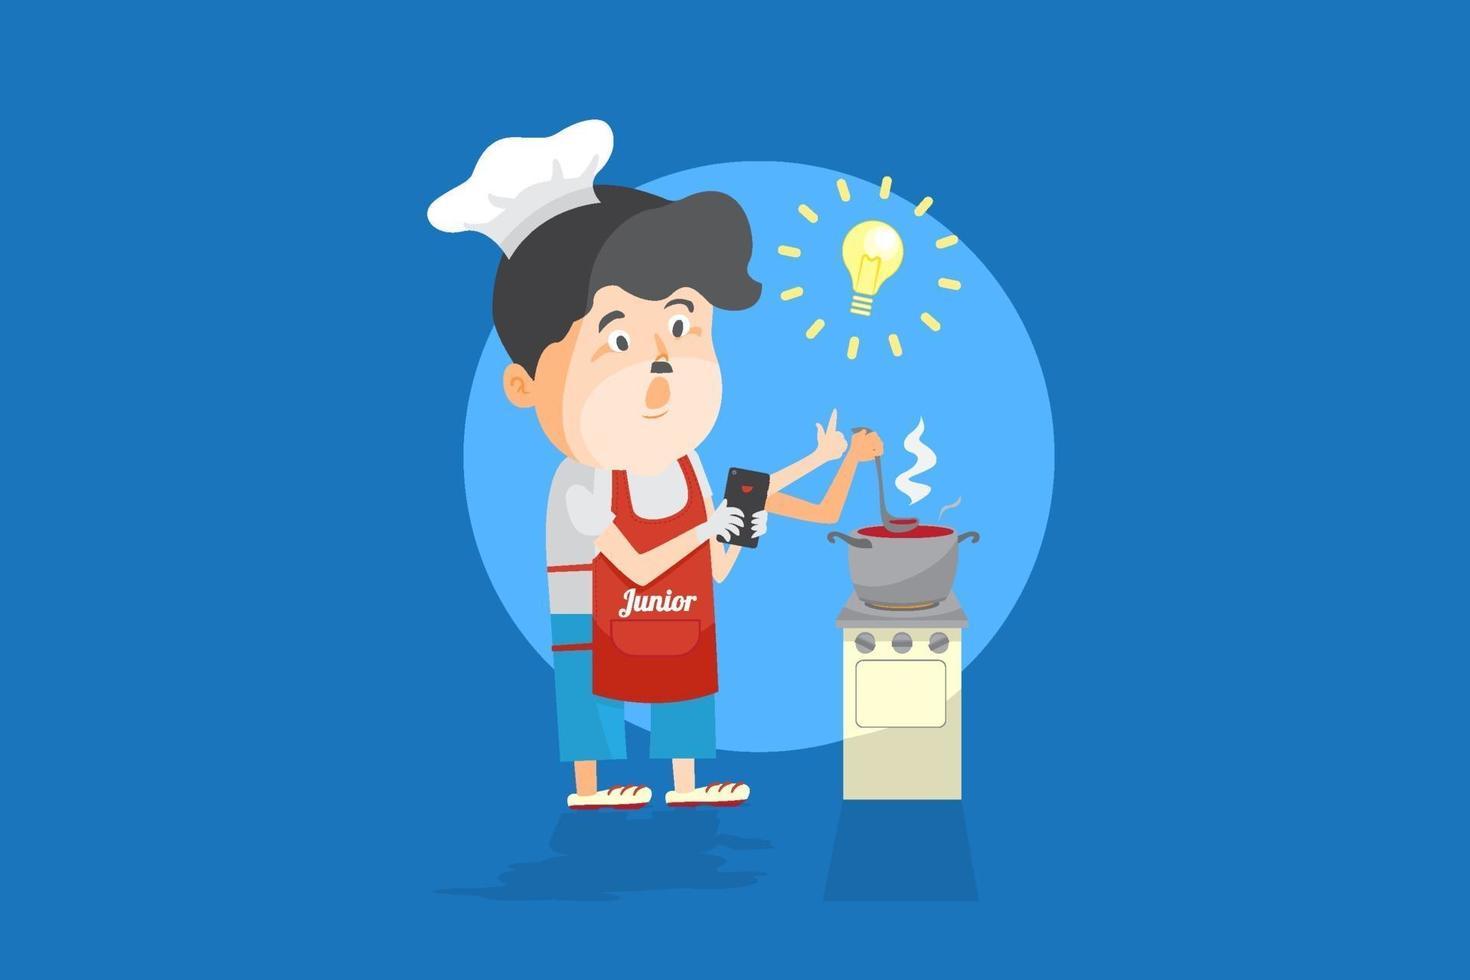 amatör kock lära sig matkurs form online lektion i smartphone, studera i matlagning klass online streaming, som ansikte mot ansikte utbildning tecknad platt vektorillustration. vektor